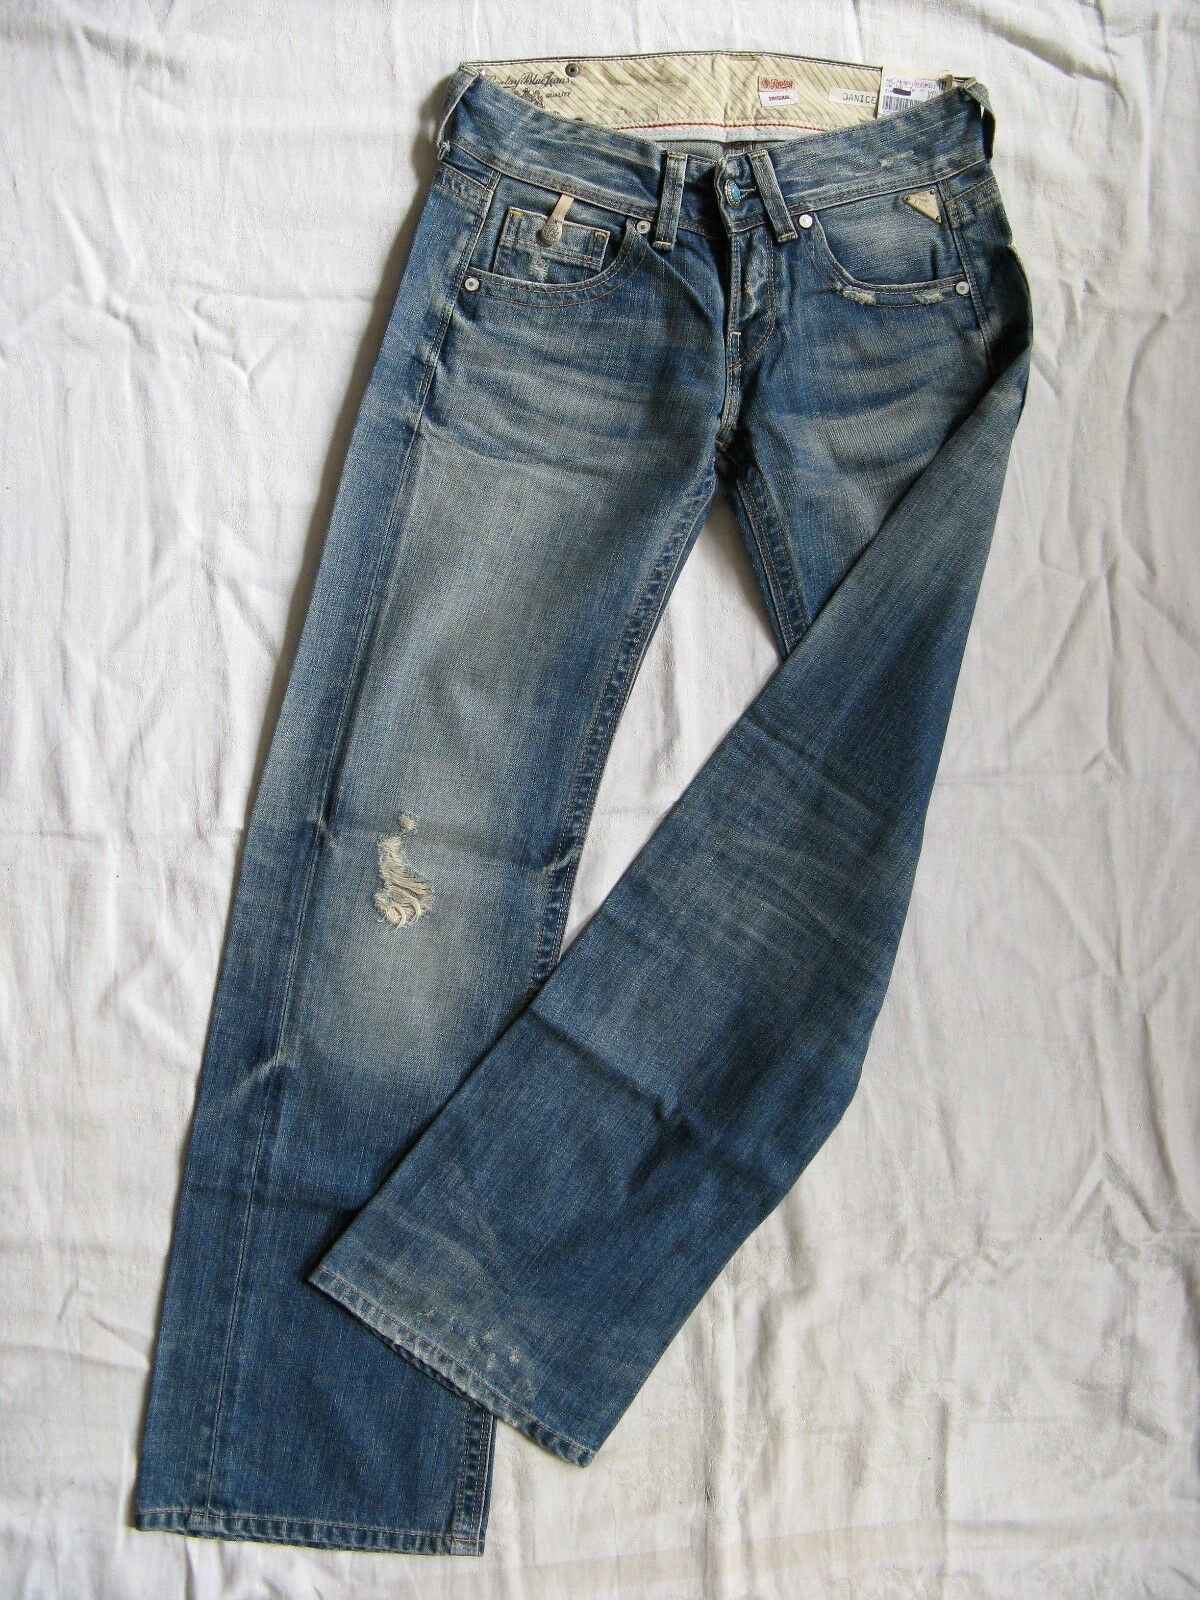 Replay Replay Replay Damen Blau Jeans Denim Baggy W25 L30 extra low waist loose fit wide leg | Hohe Qualität und geringer Aufwand  | Stilvoll und lustig  | Verschiedene Waren  | Sale Online Shop  | Einzigartig  96fa37